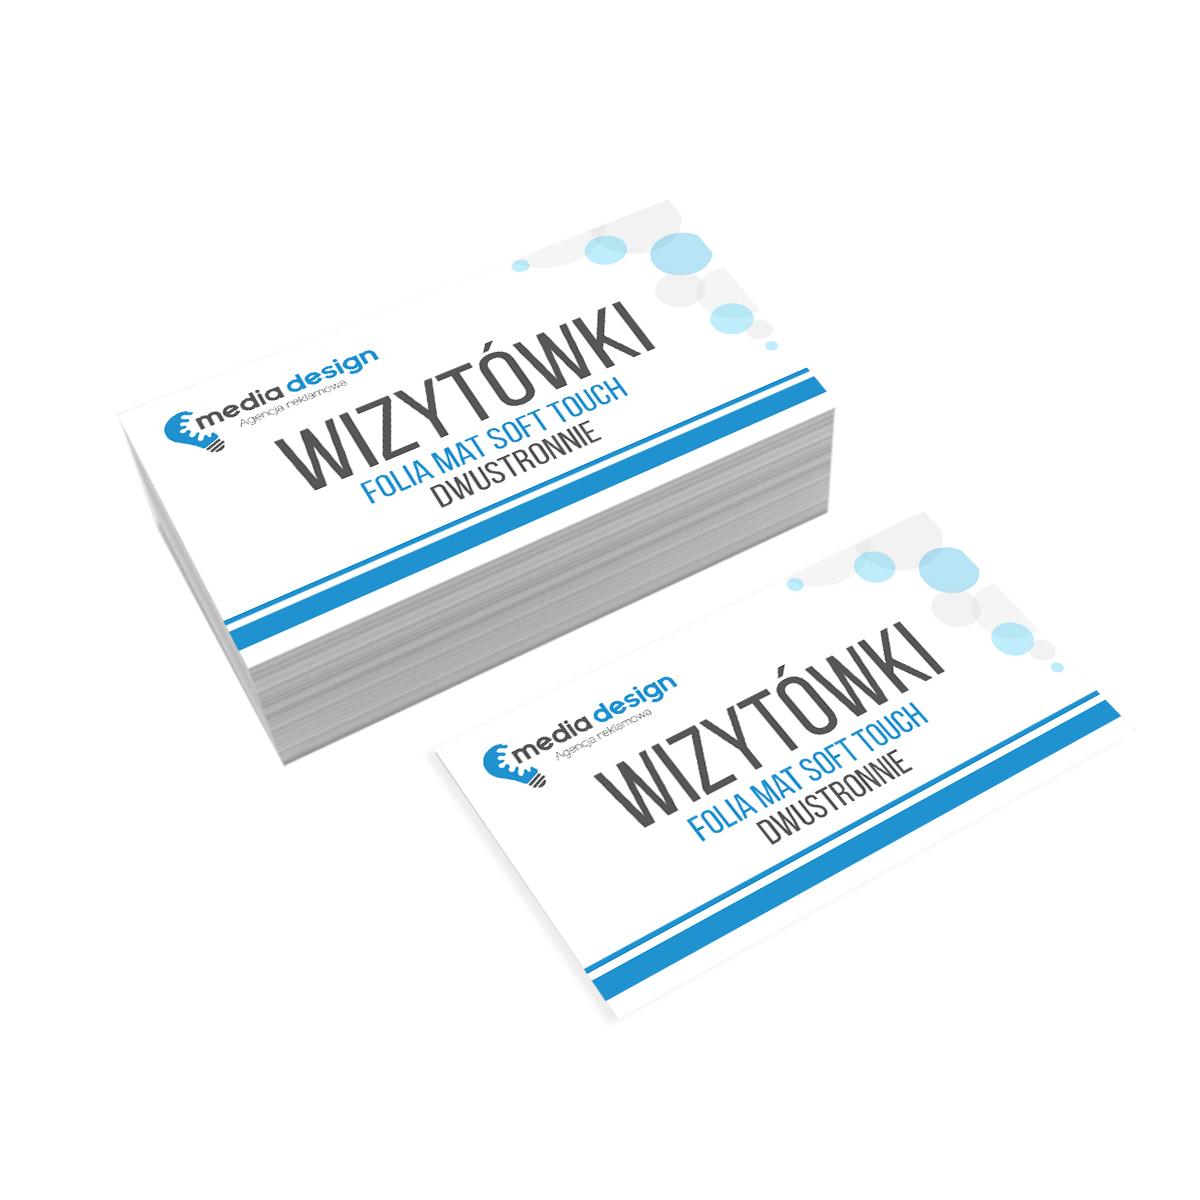 Wizytówki Extra 350g folia mat soft touch dwustronnie